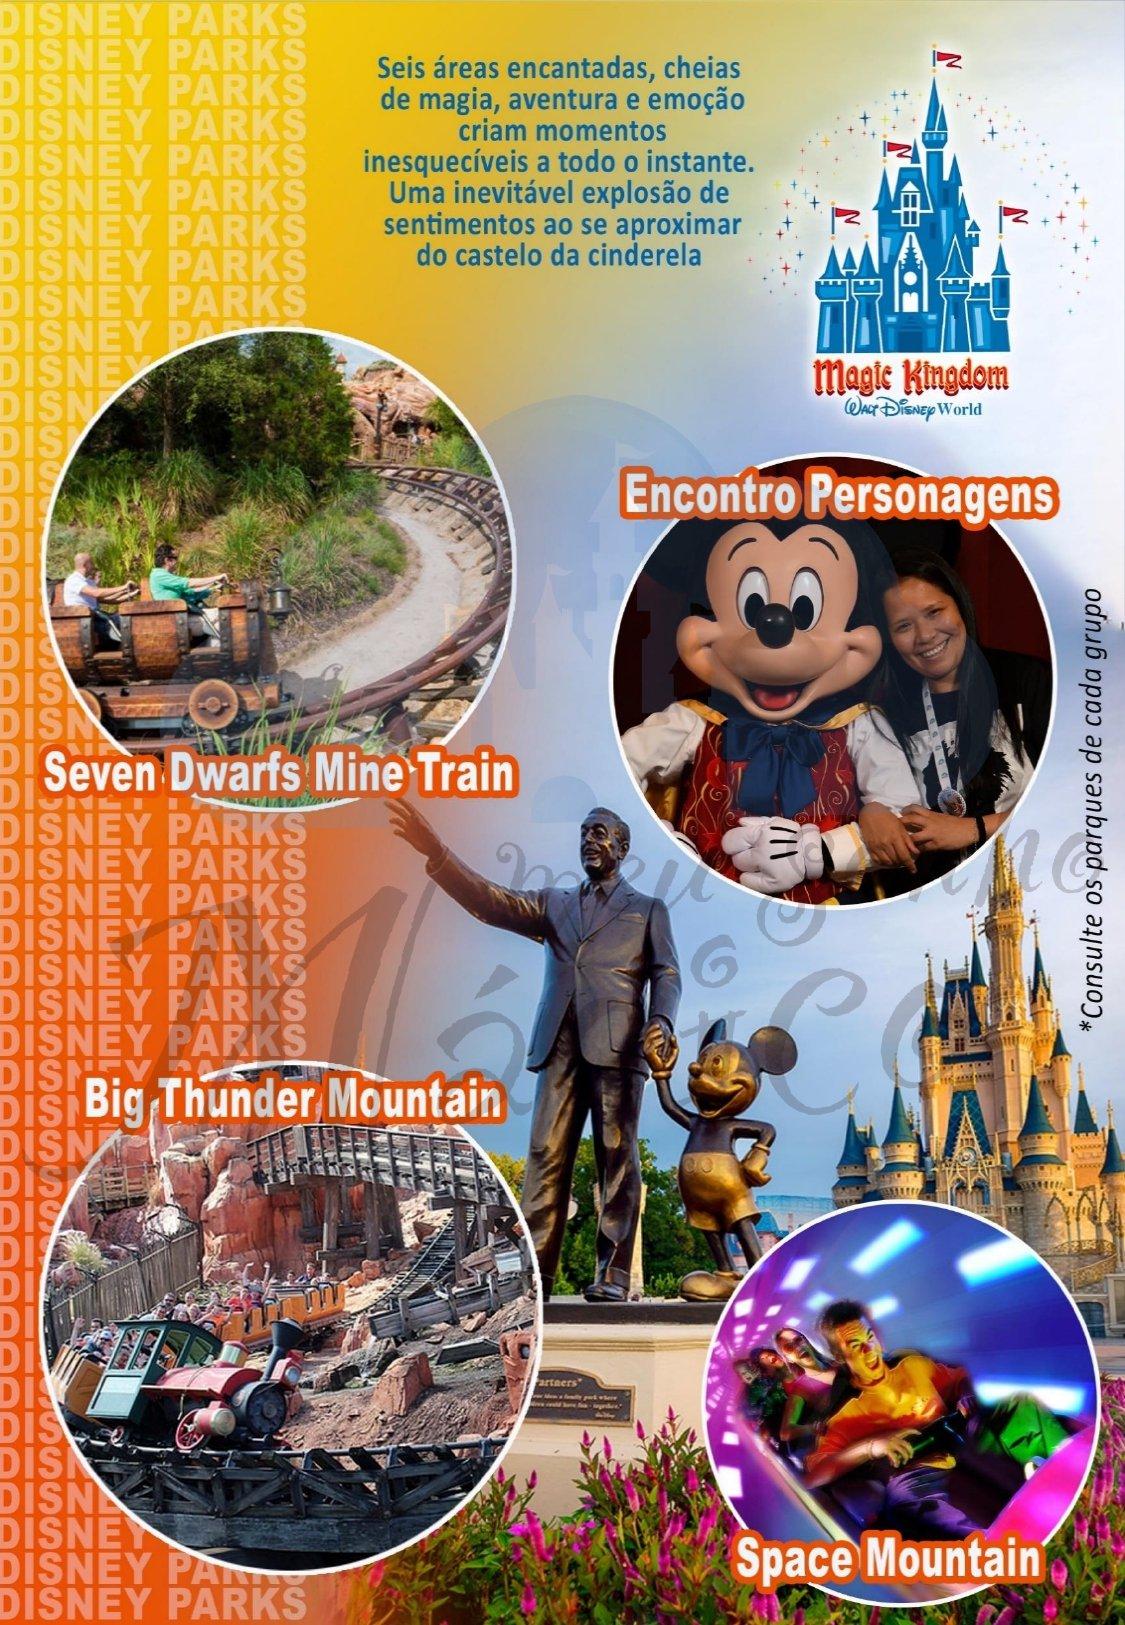 Grupo Teen Verão - Disney Julho 2021 8